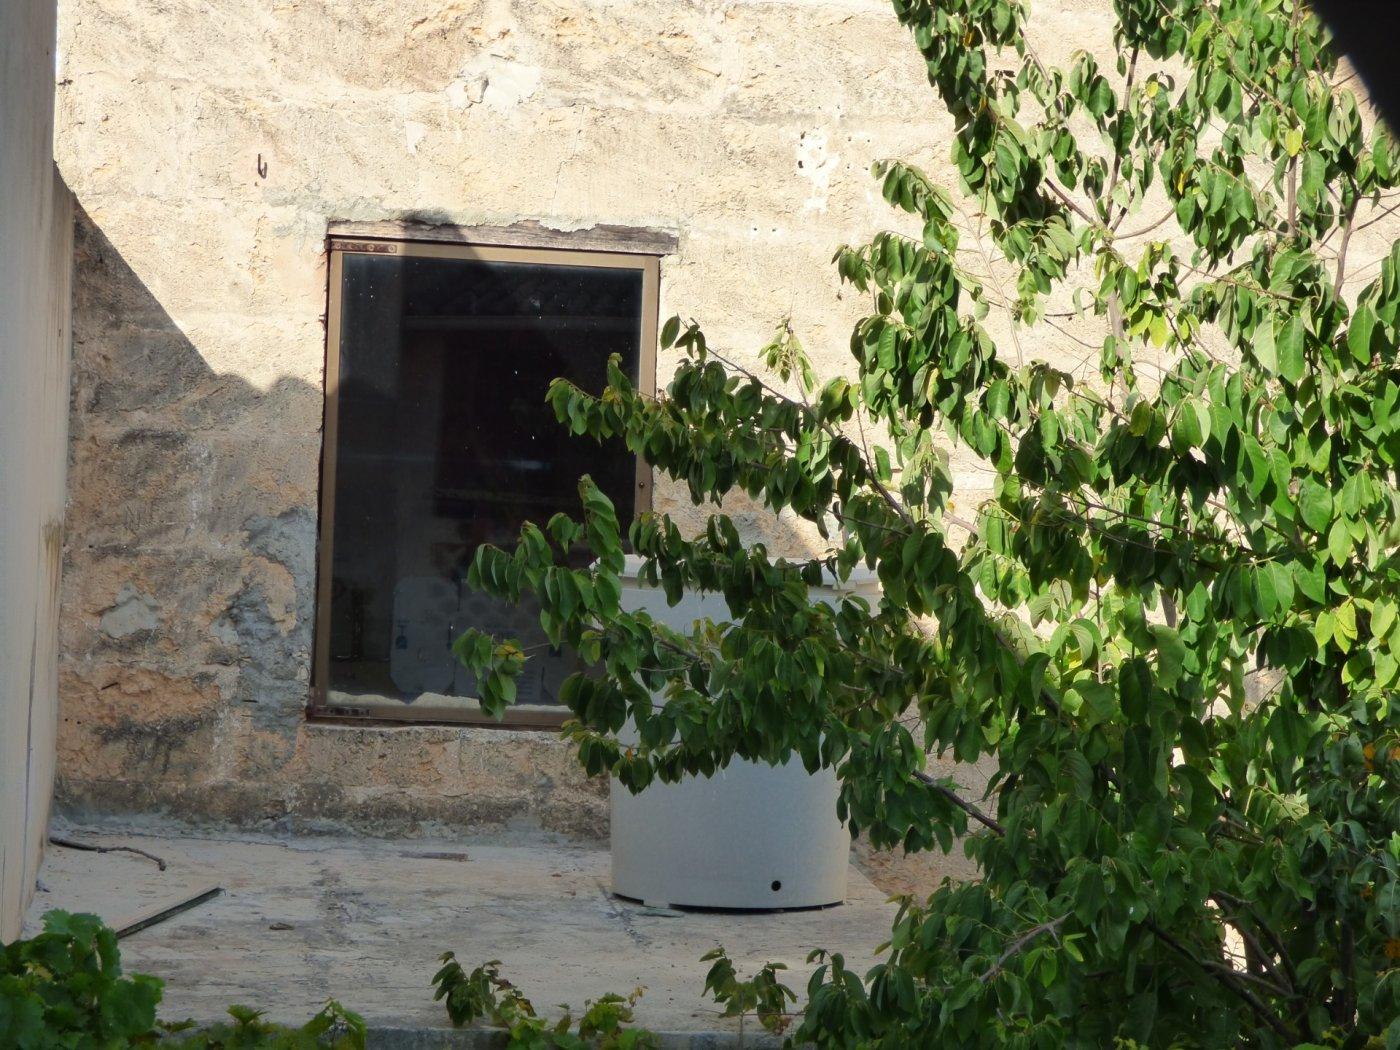 Planta baja a reformar con una altura y techo libre sa pobla pueblo - imagenInmueble34